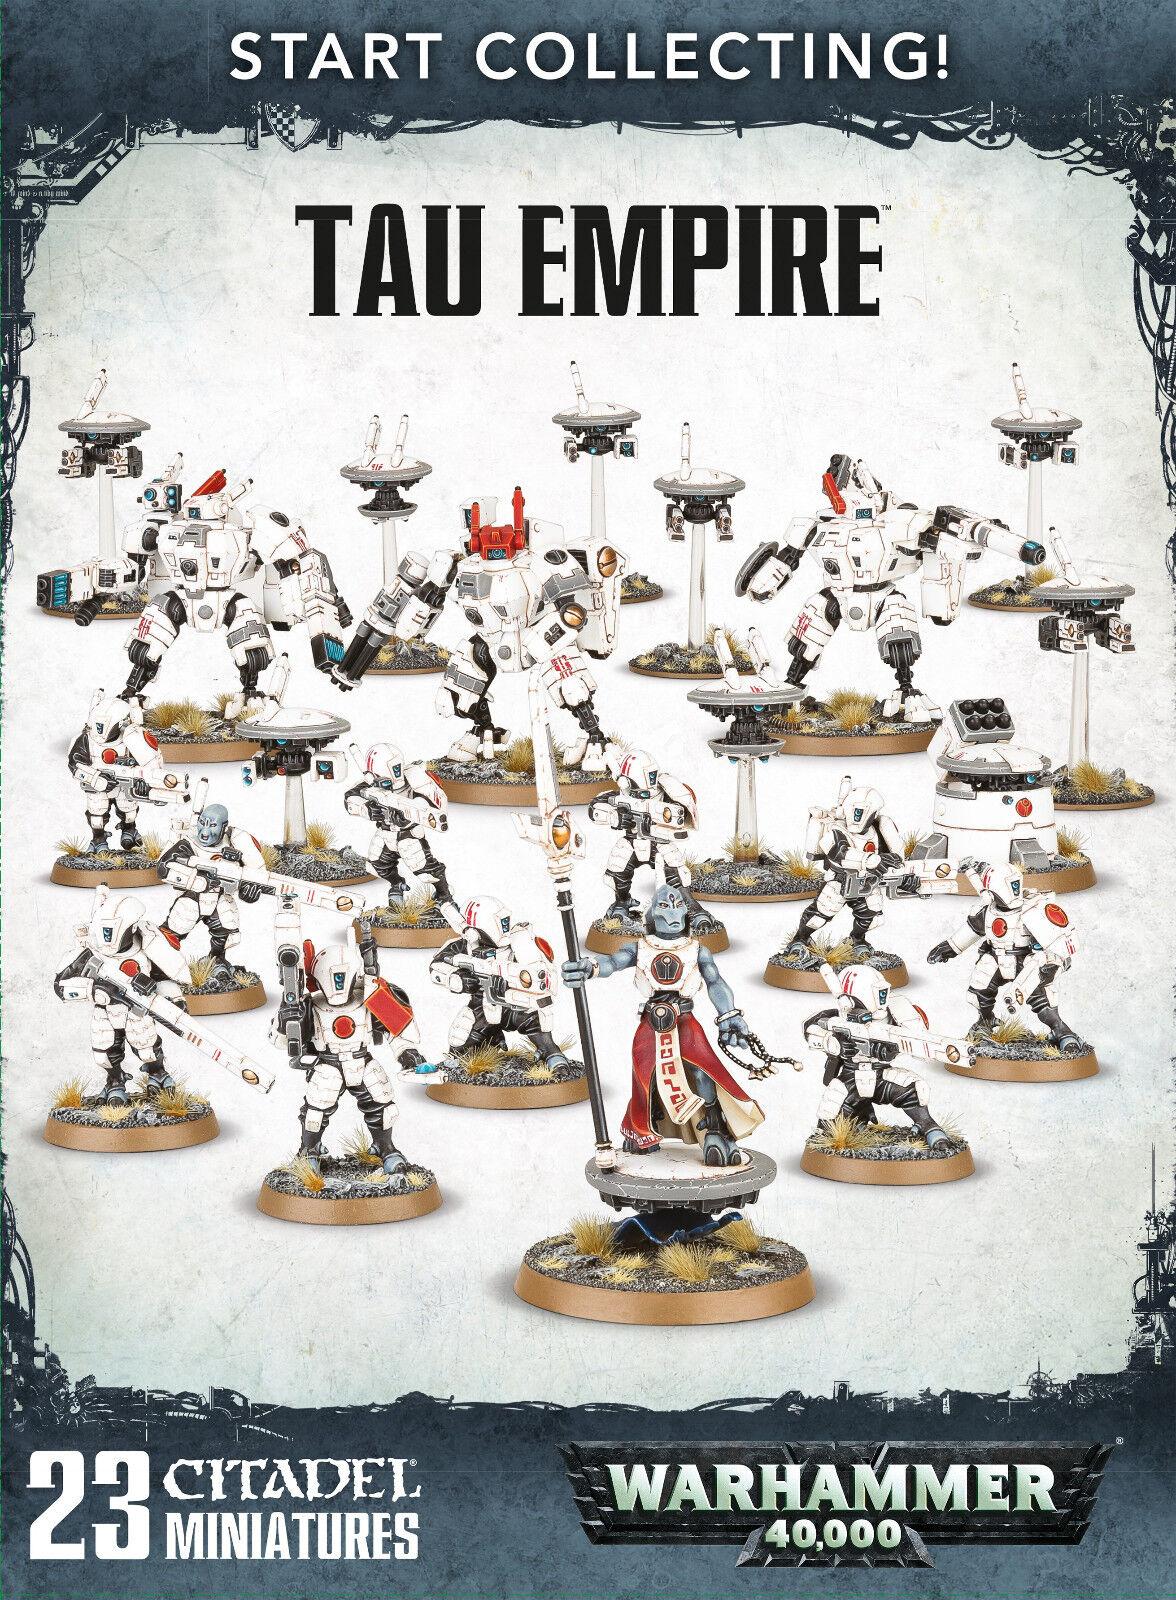 Estrellat  Collecting Tau Empire Warhammer 40k nuovo  Negozio 2018